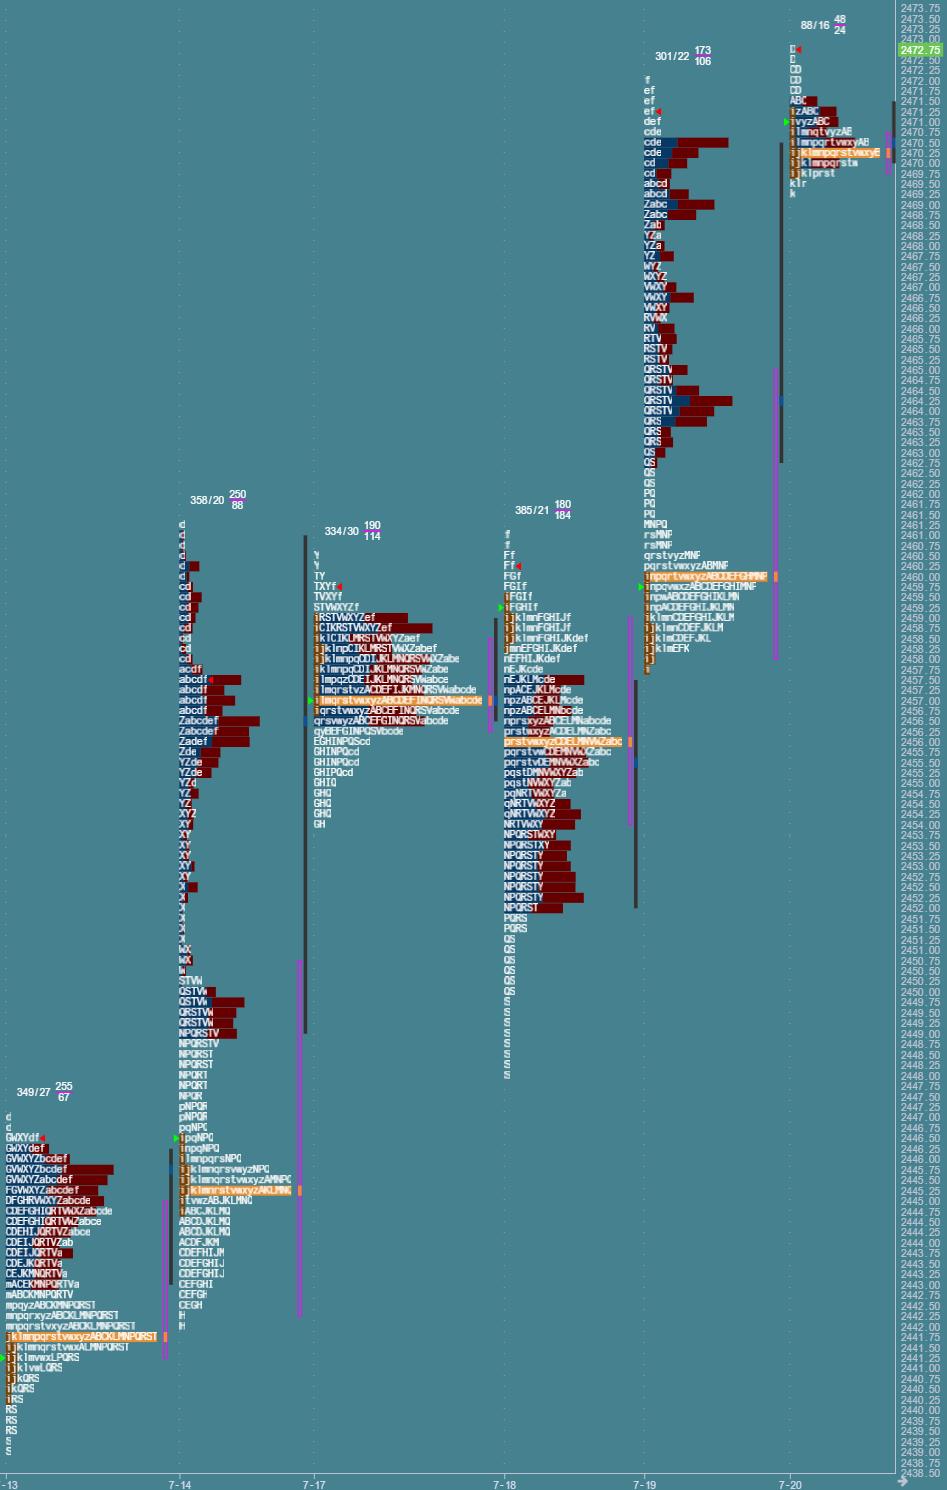 Przygotowanie do sesji: market profile z 20 lipca